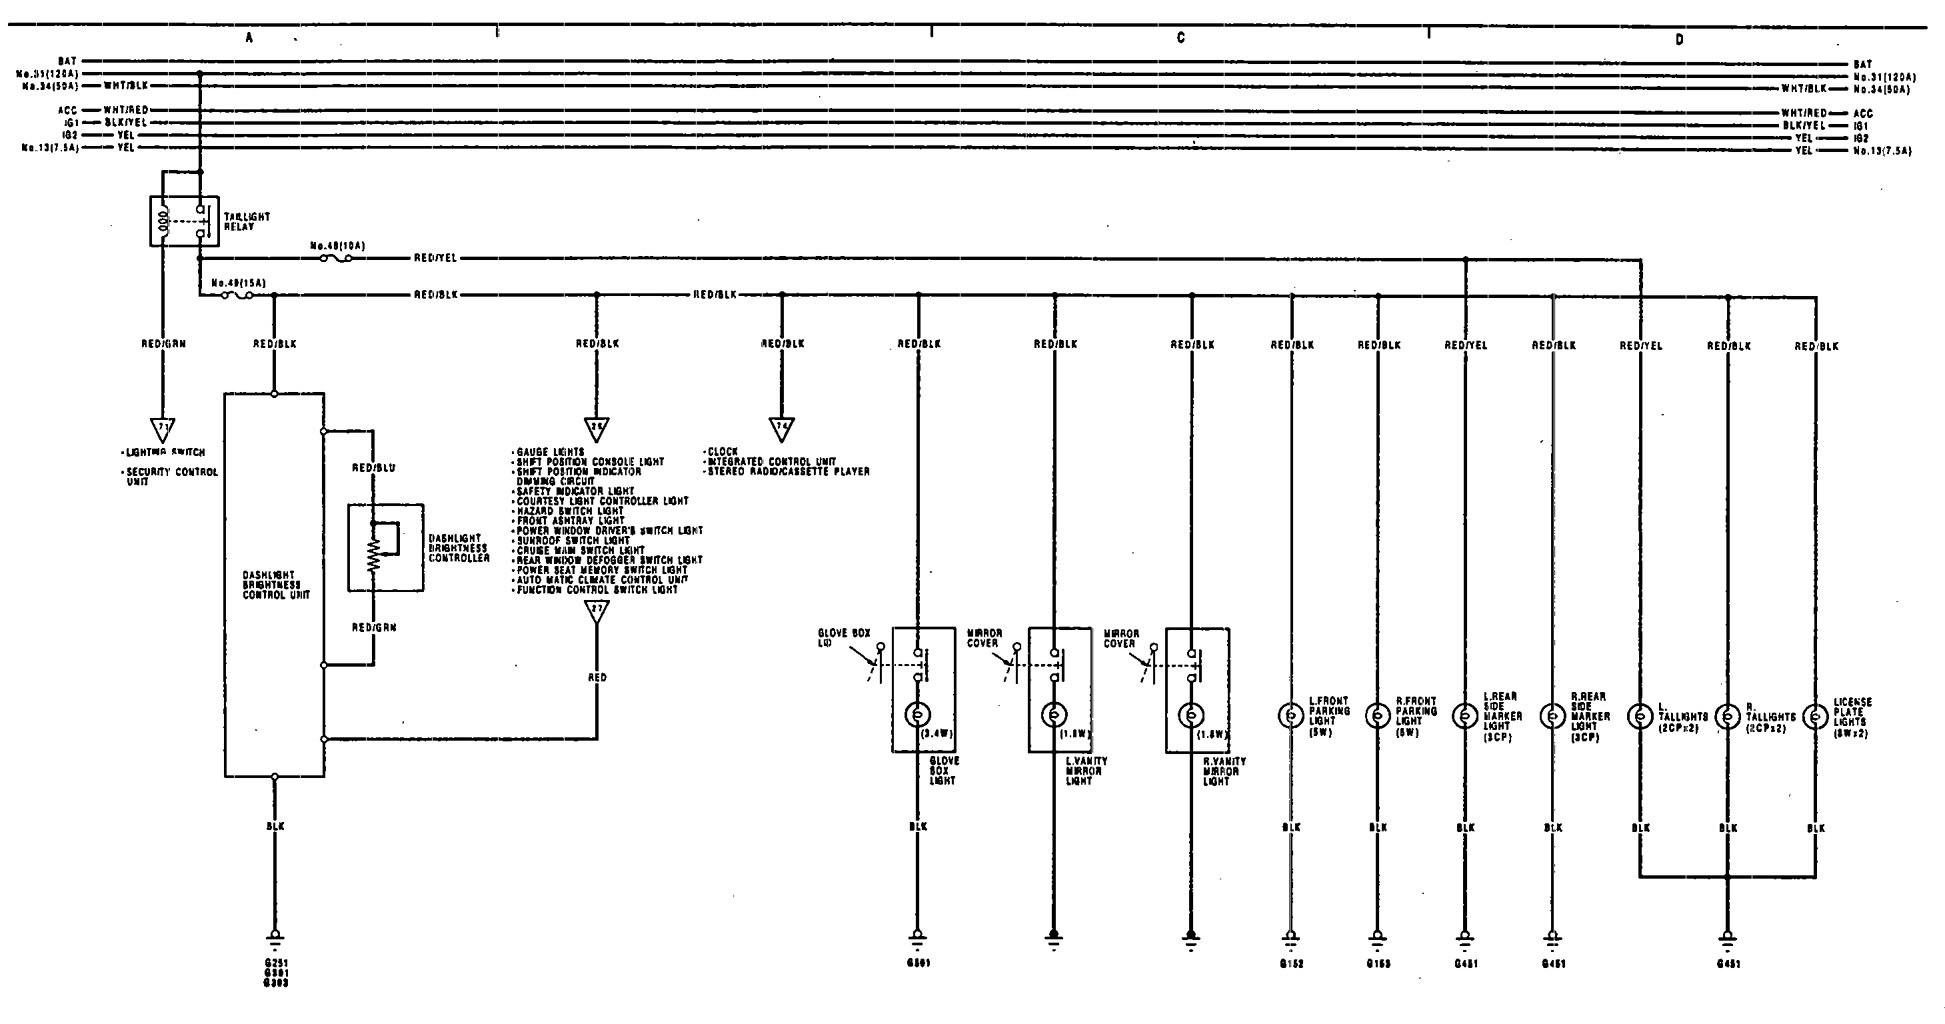 Acura Legend  1991 - 1992  - Wiring Diagram - Exterior Lamp